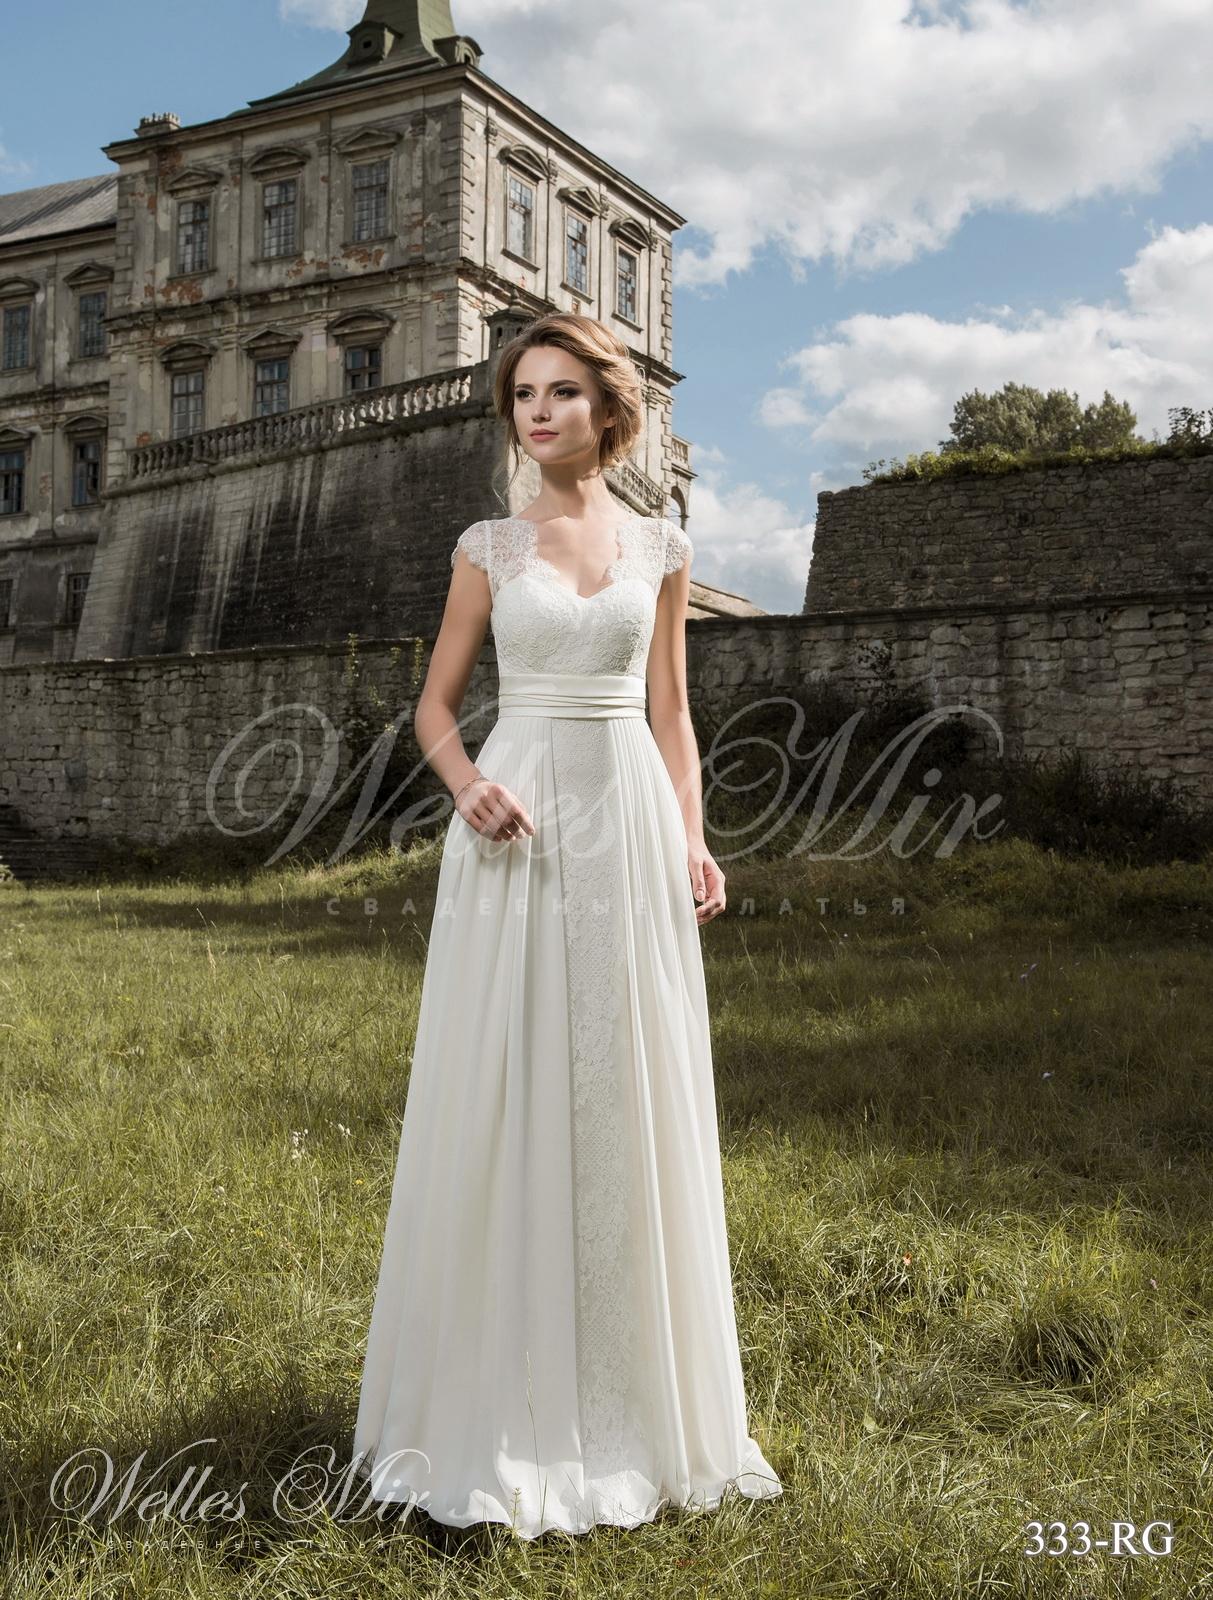 Свадебные платья Exquisite Collection - 333-RG